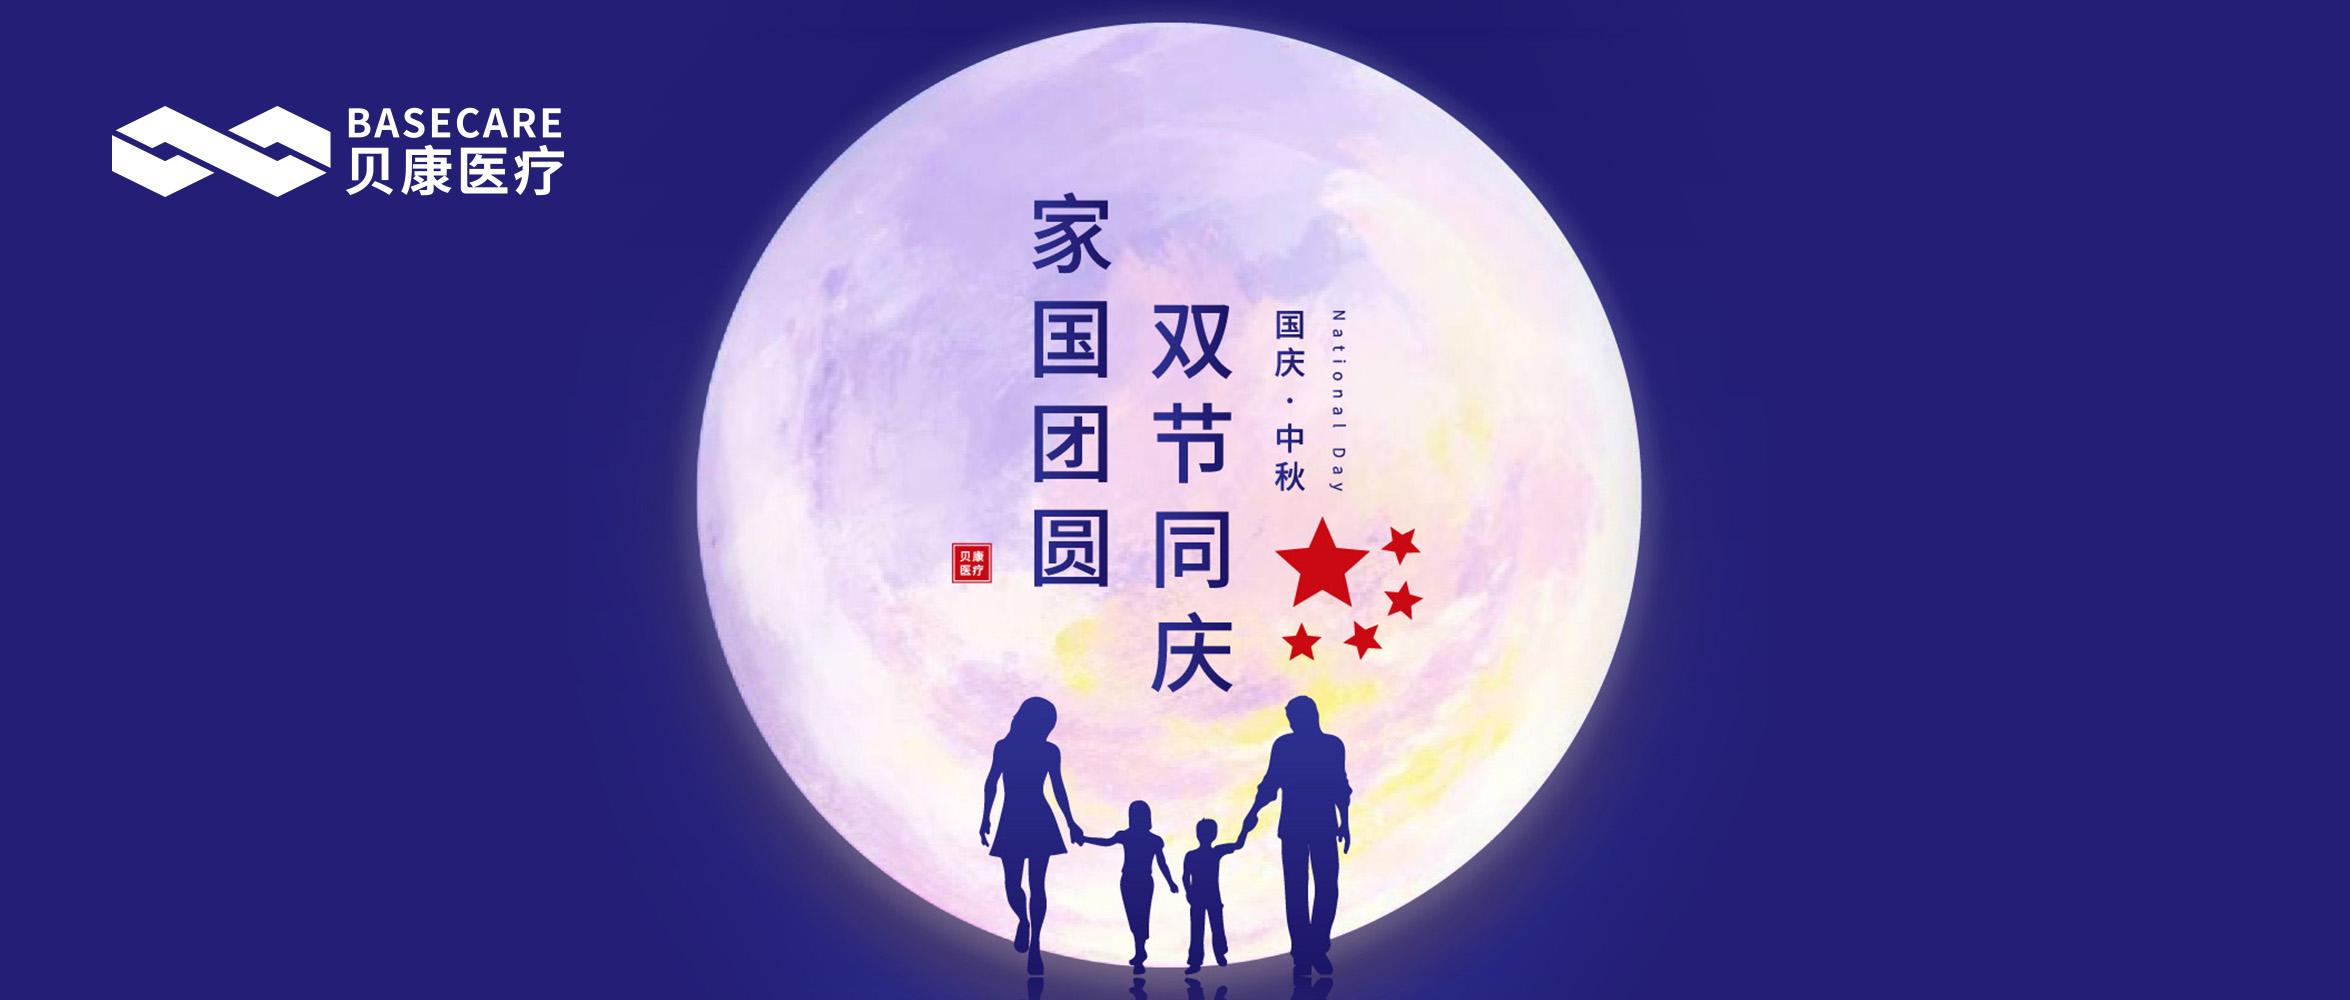 贝康医疗恭祝您国庆中秋,双节快乐!